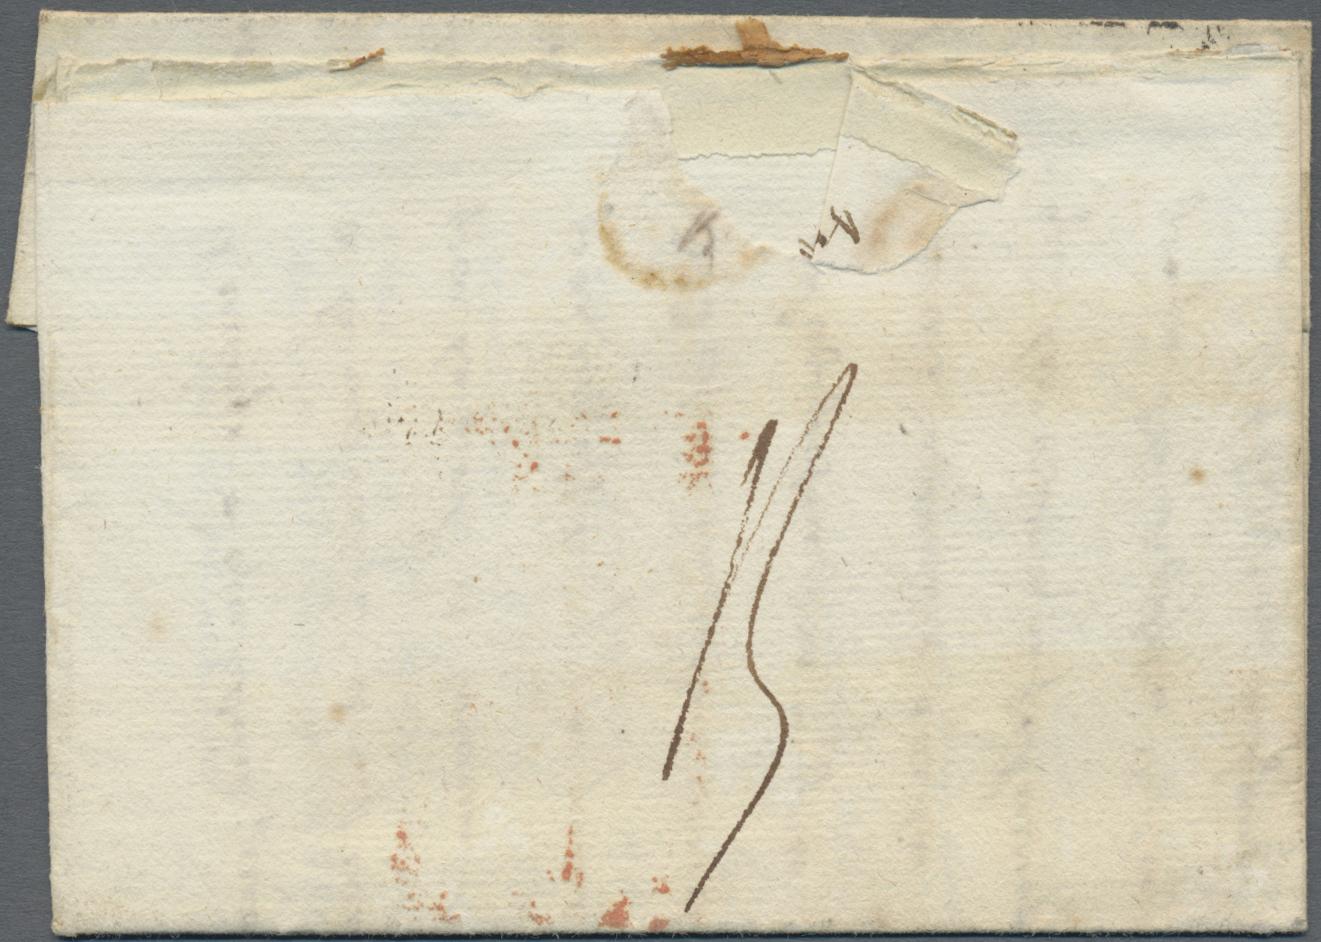 Lot 04124 - Frankreich - Vorphila | Markenlose Briefe  -  Auktionshaus Christoph Gärtner GmbH & Co. KG 51th Auction - Day 2